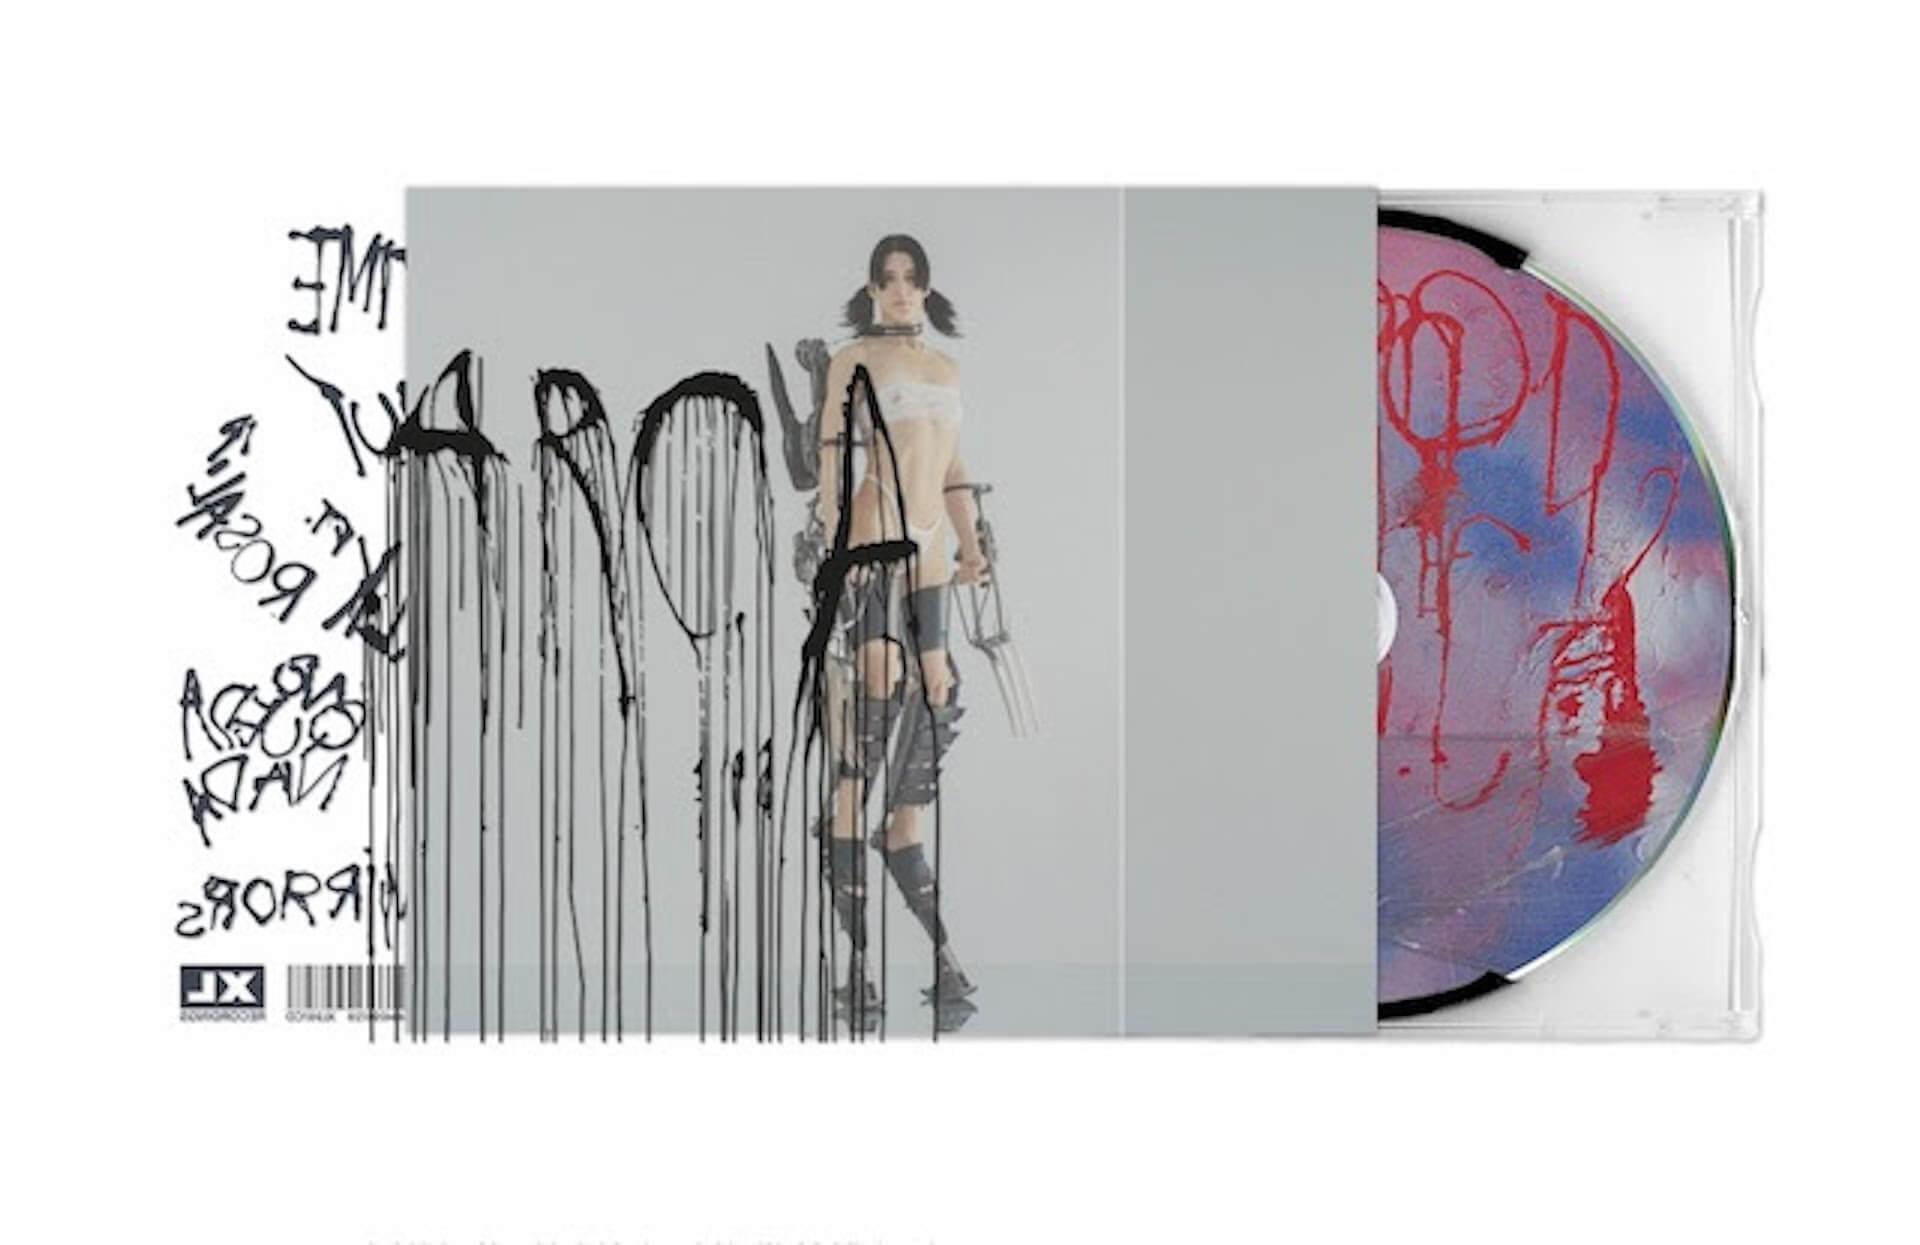 ARCAの貴重なミックスがBBC RadioとRAのコラボ企画で公開!予約購入でサイン入りバイナルが当たるキャンペーンも music200706_arca_03